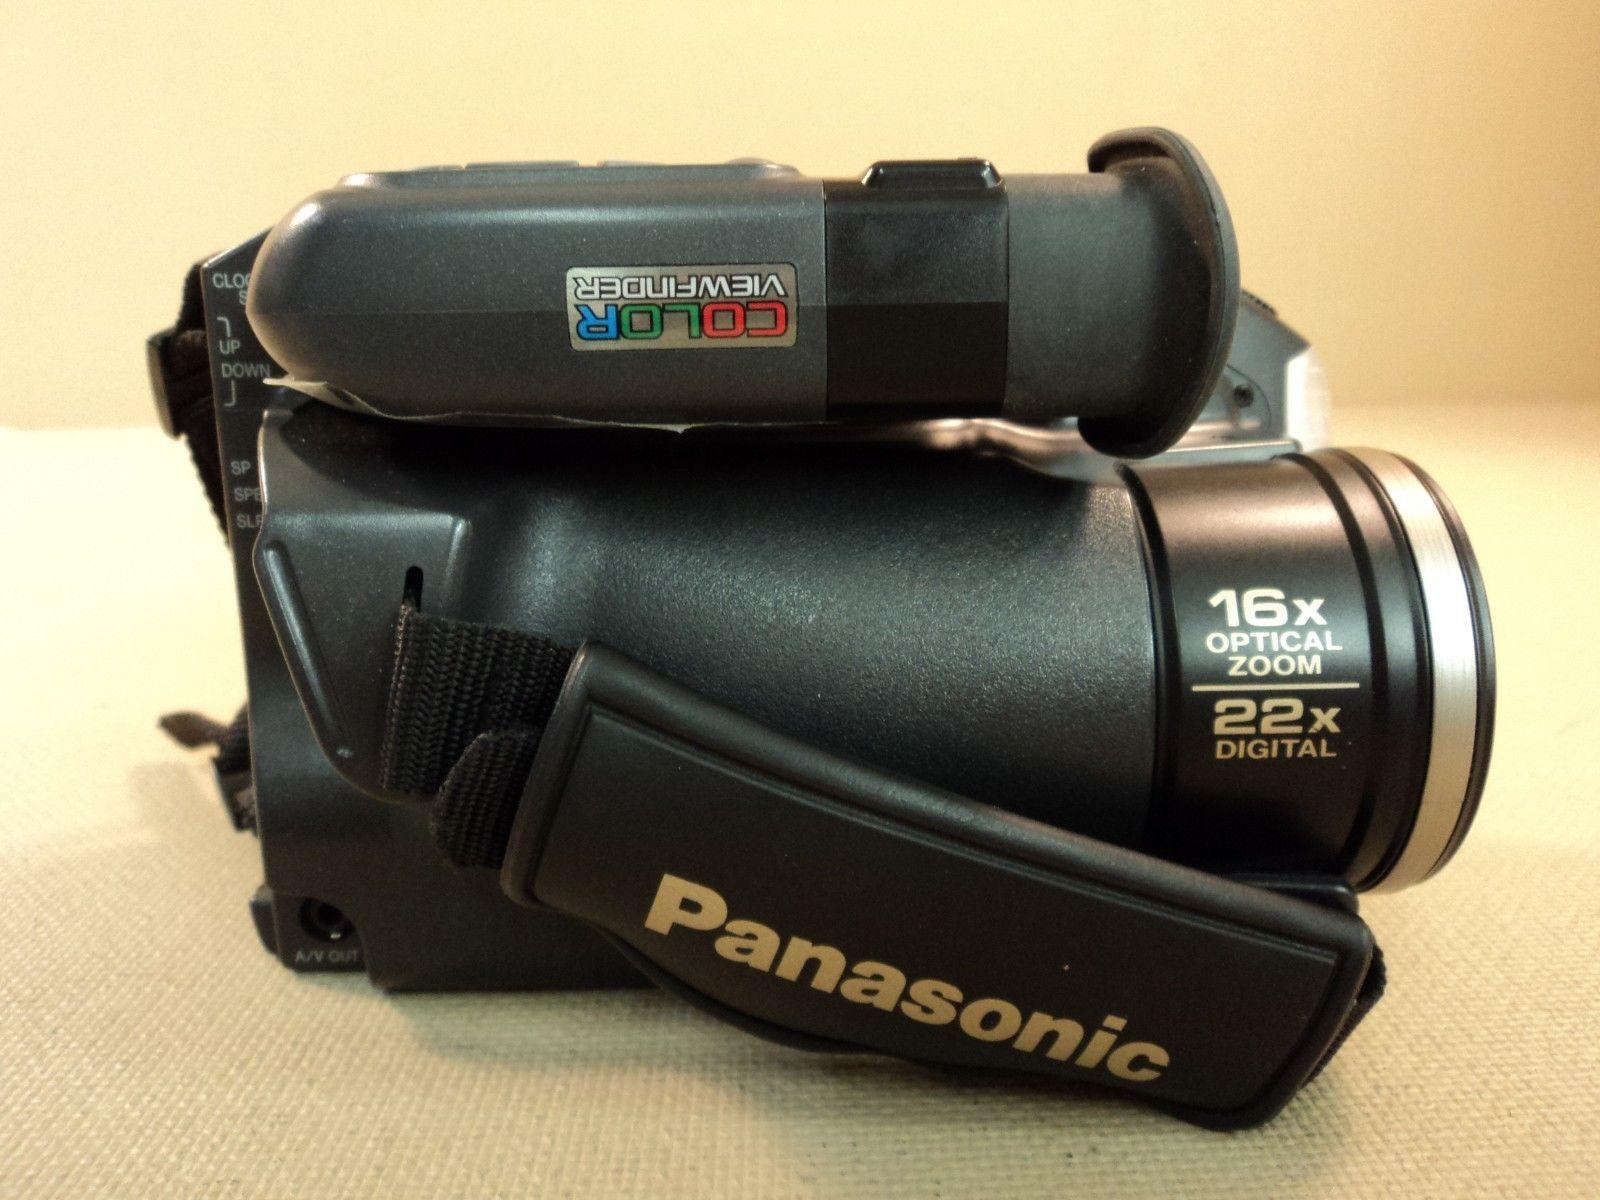 Panasonic Palmcorder Video Camera VHS-C 16x Optical Zoom PV-D407D V2